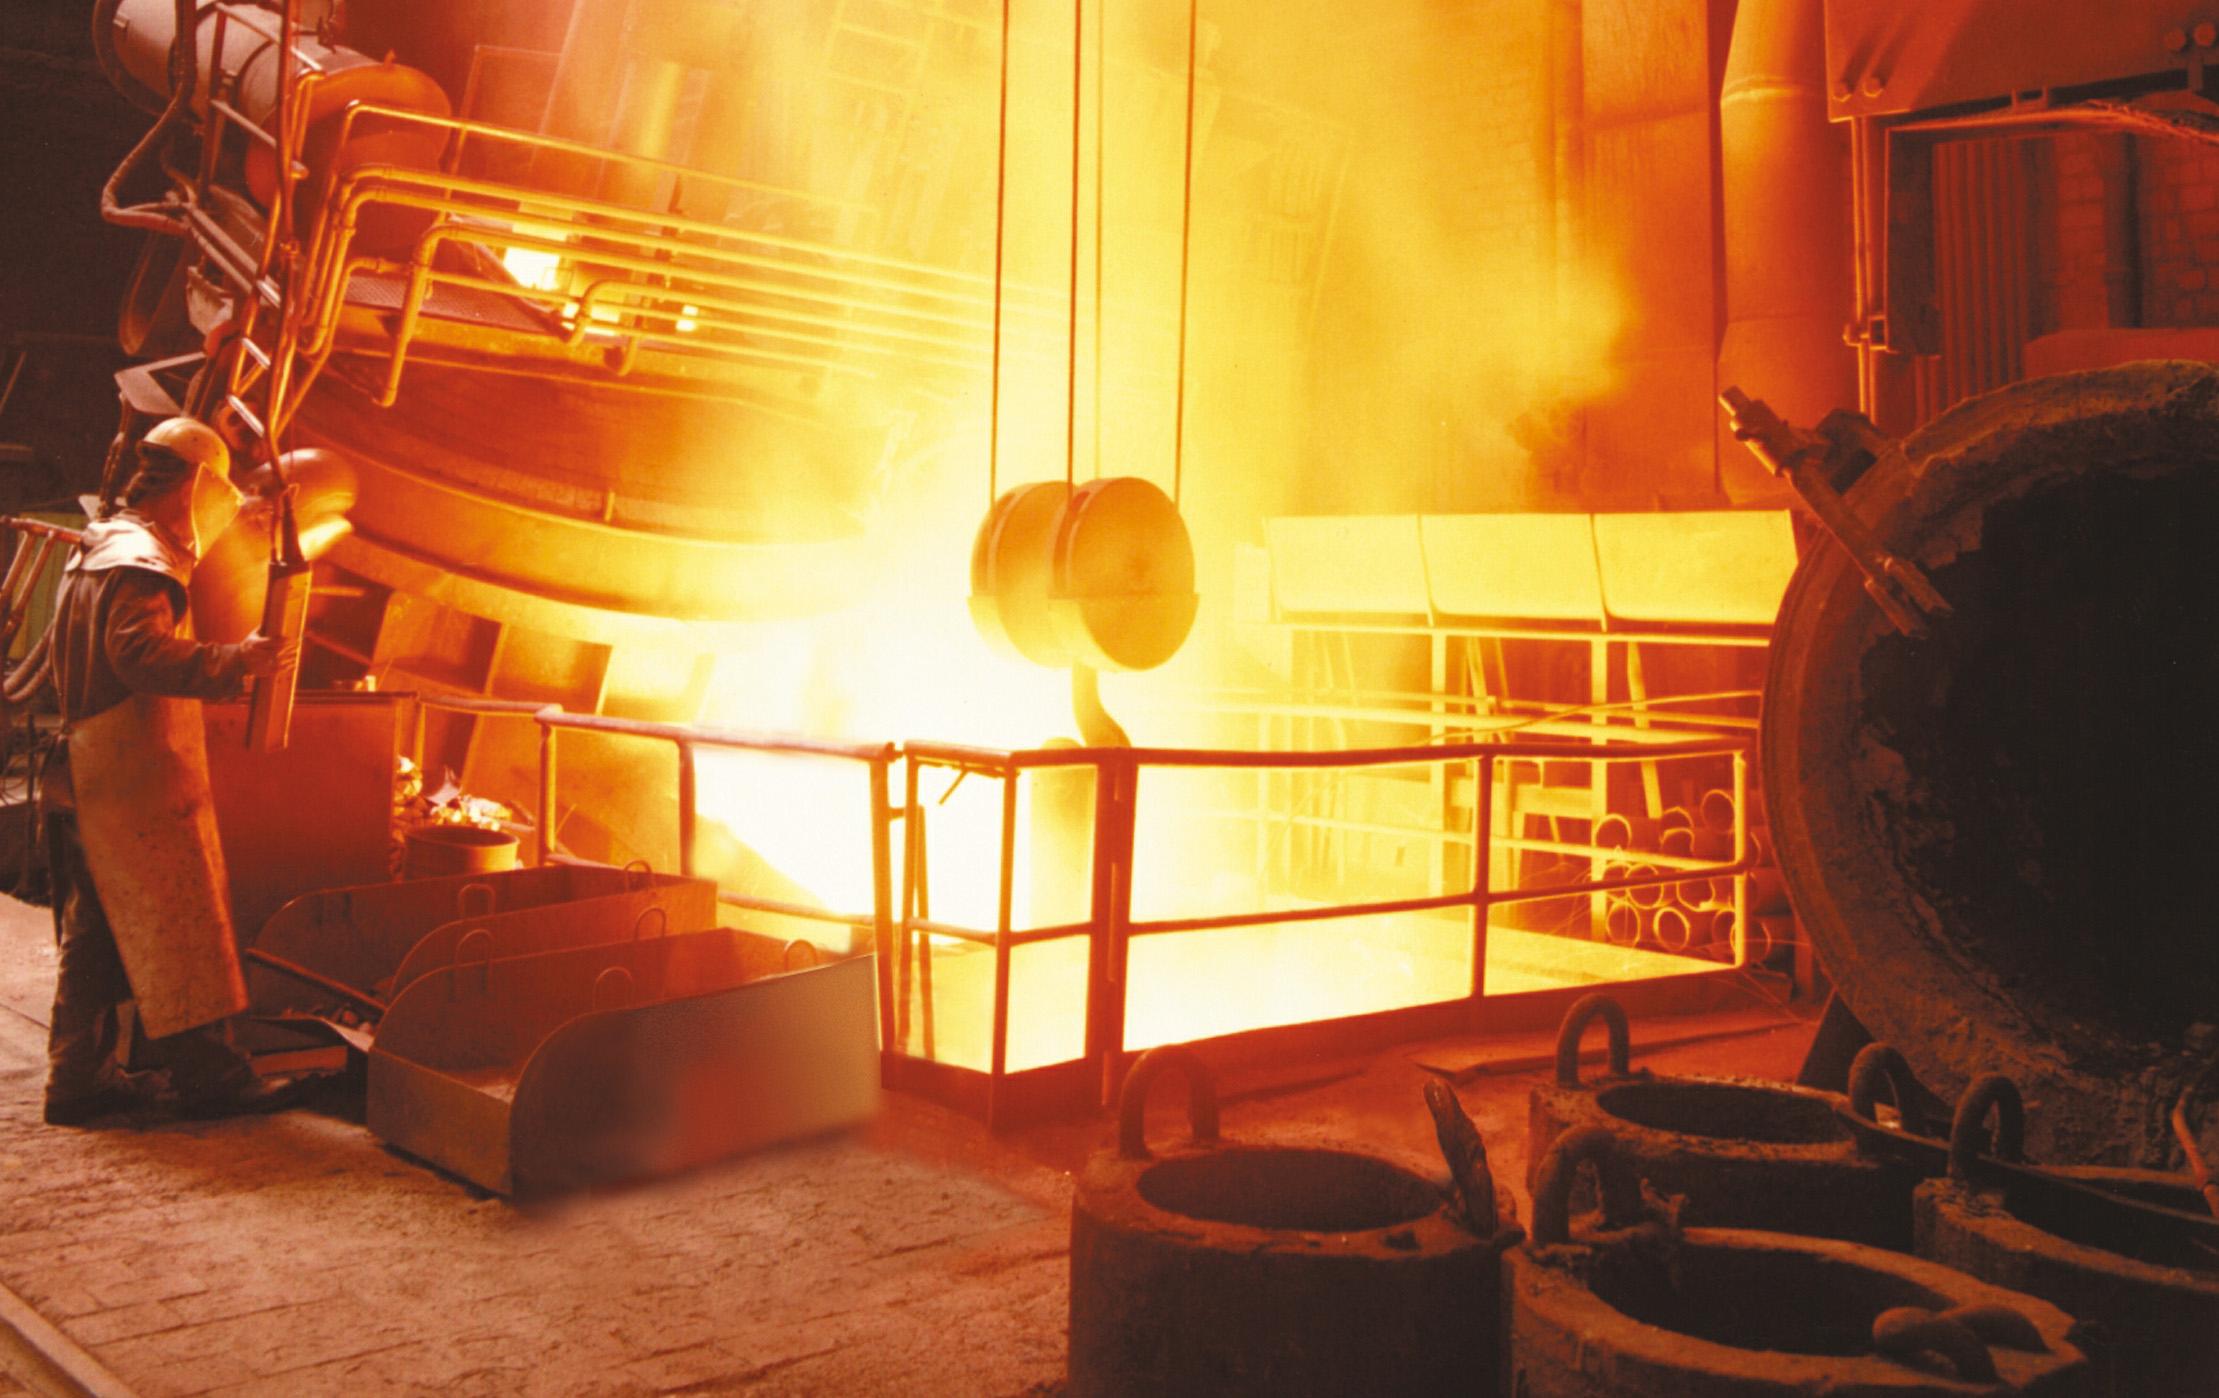 Tìm hiểu cơ chế vận hành của lò hơi đốt than đá trong nền công nghiệp